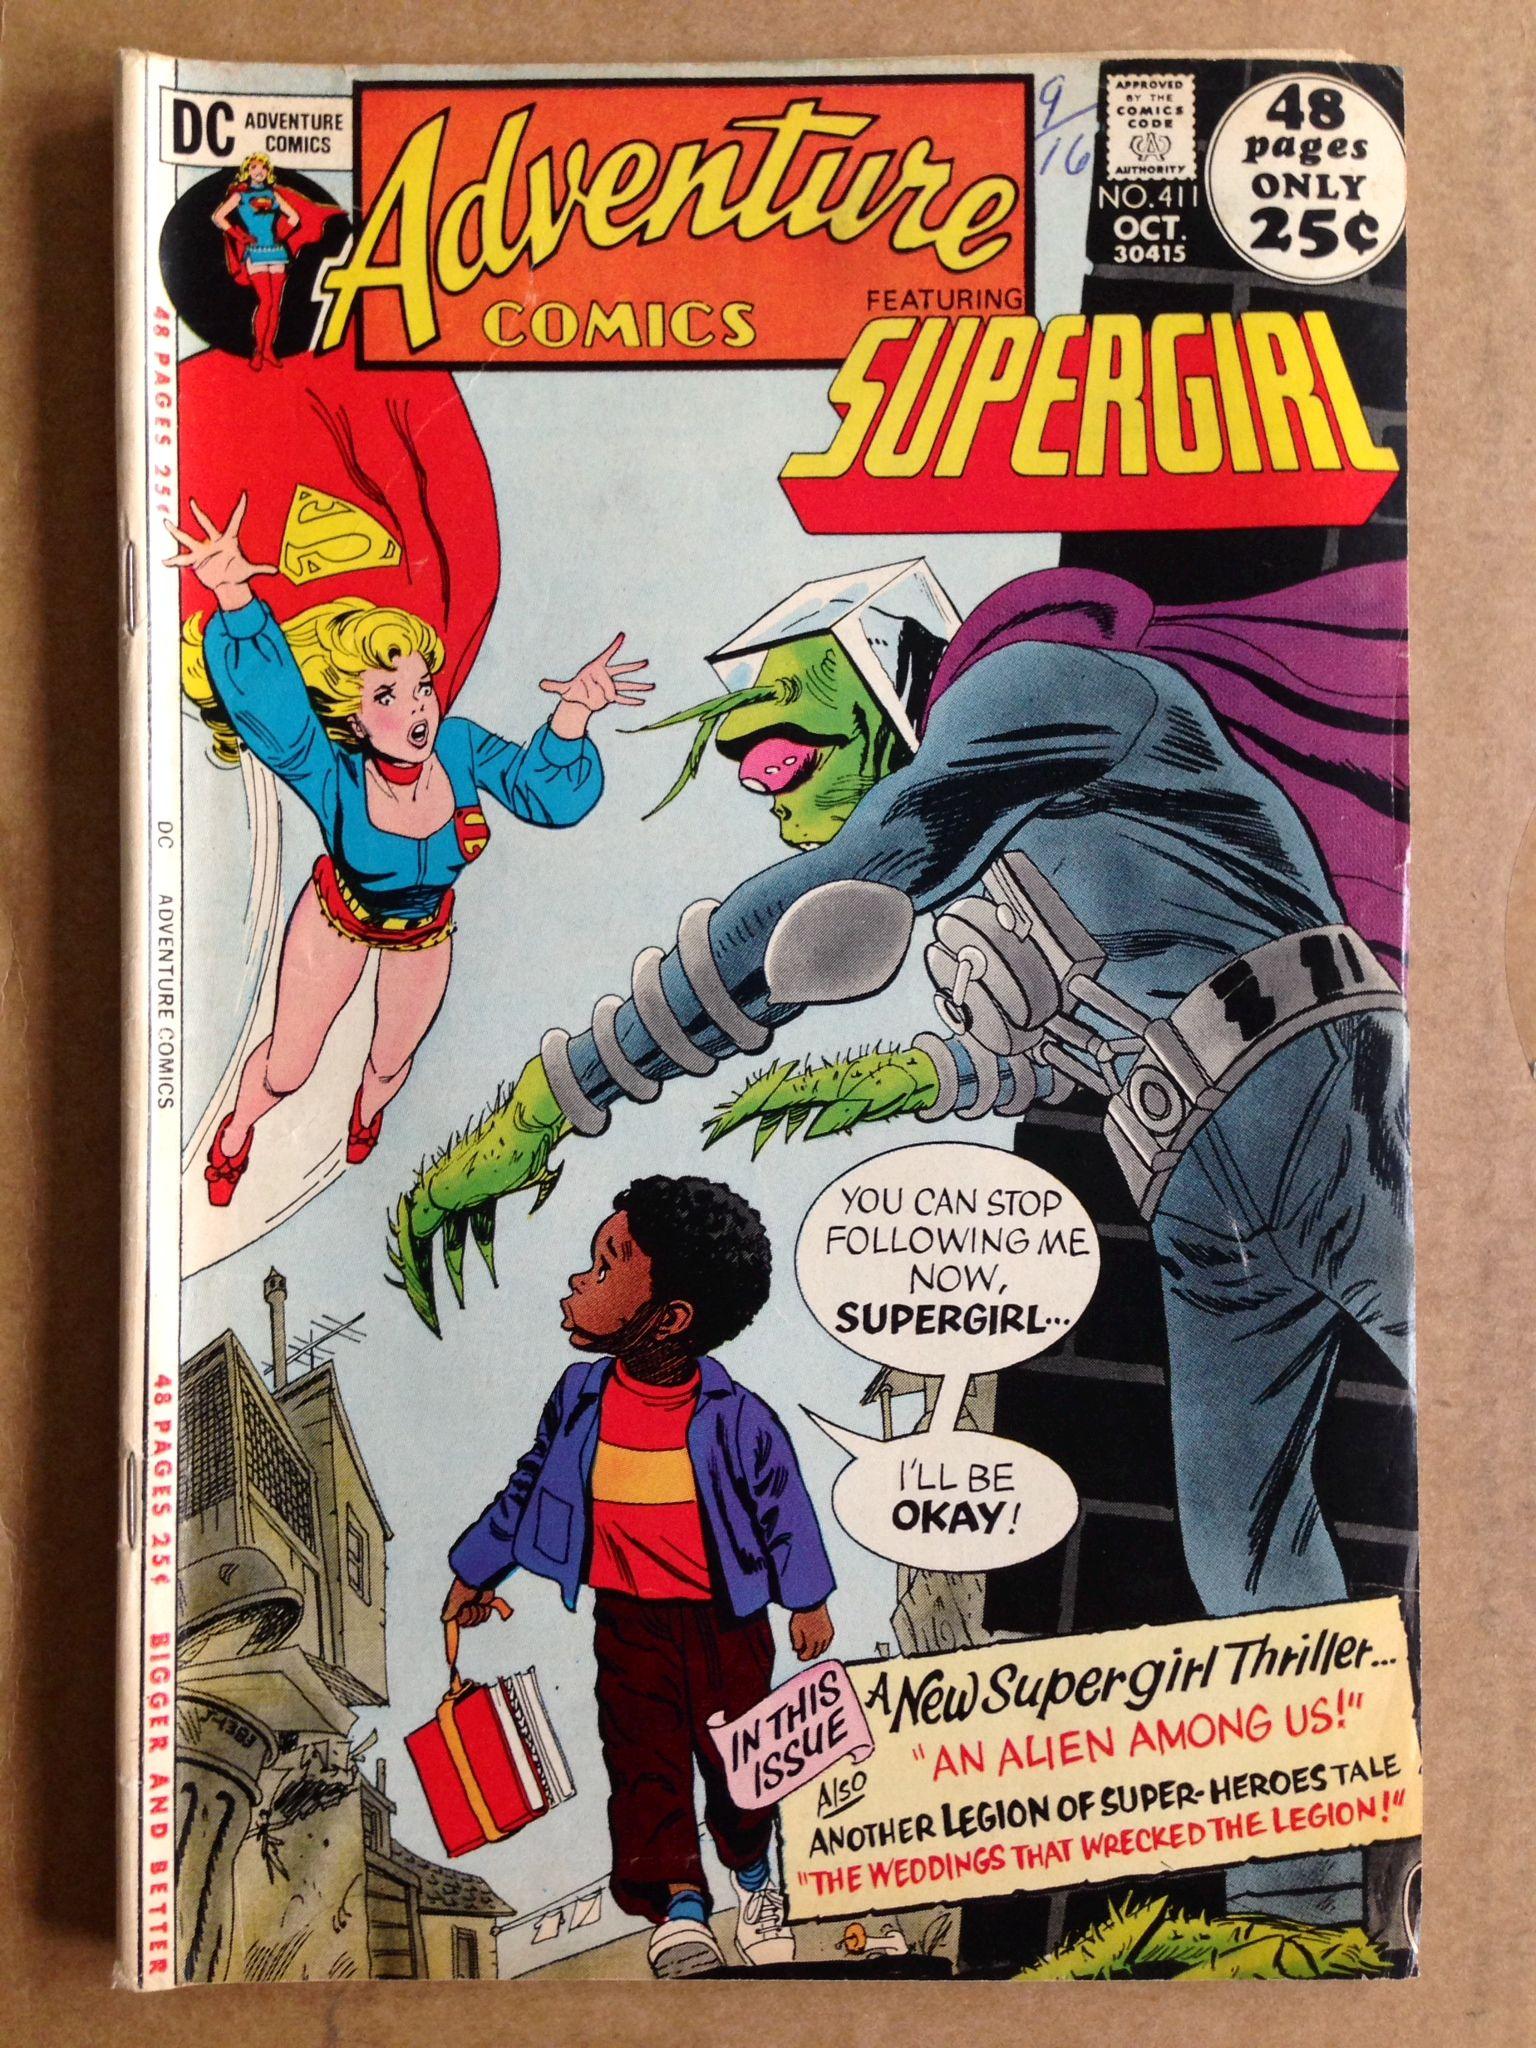 Dc supergirl adventure comics no 411 oct 1971 stop